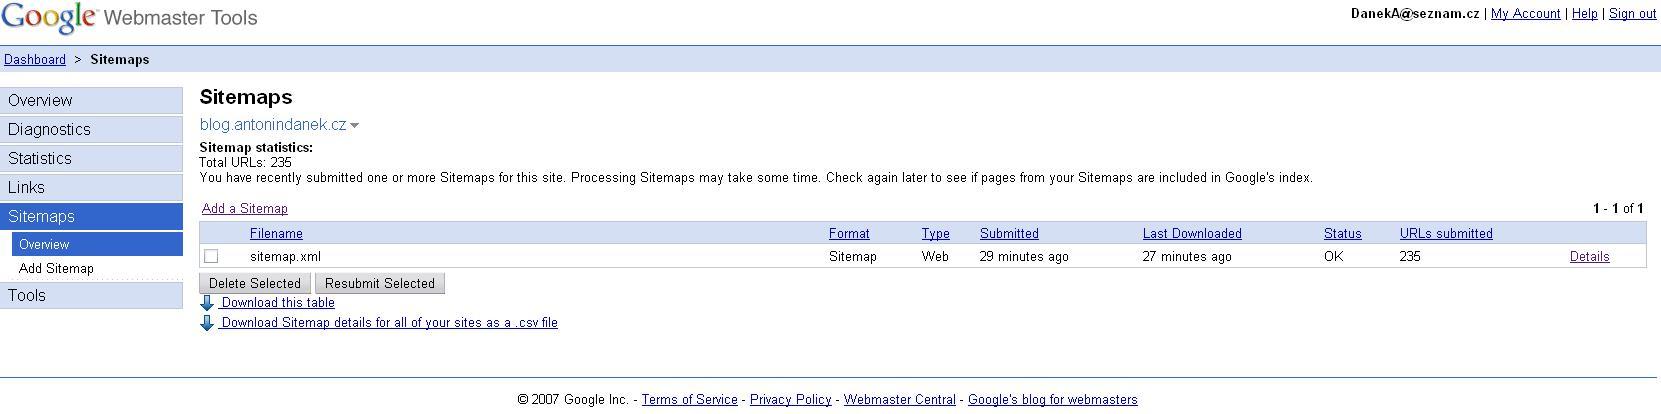 Jak se dostat do vyhledávače? - sitemap.xml